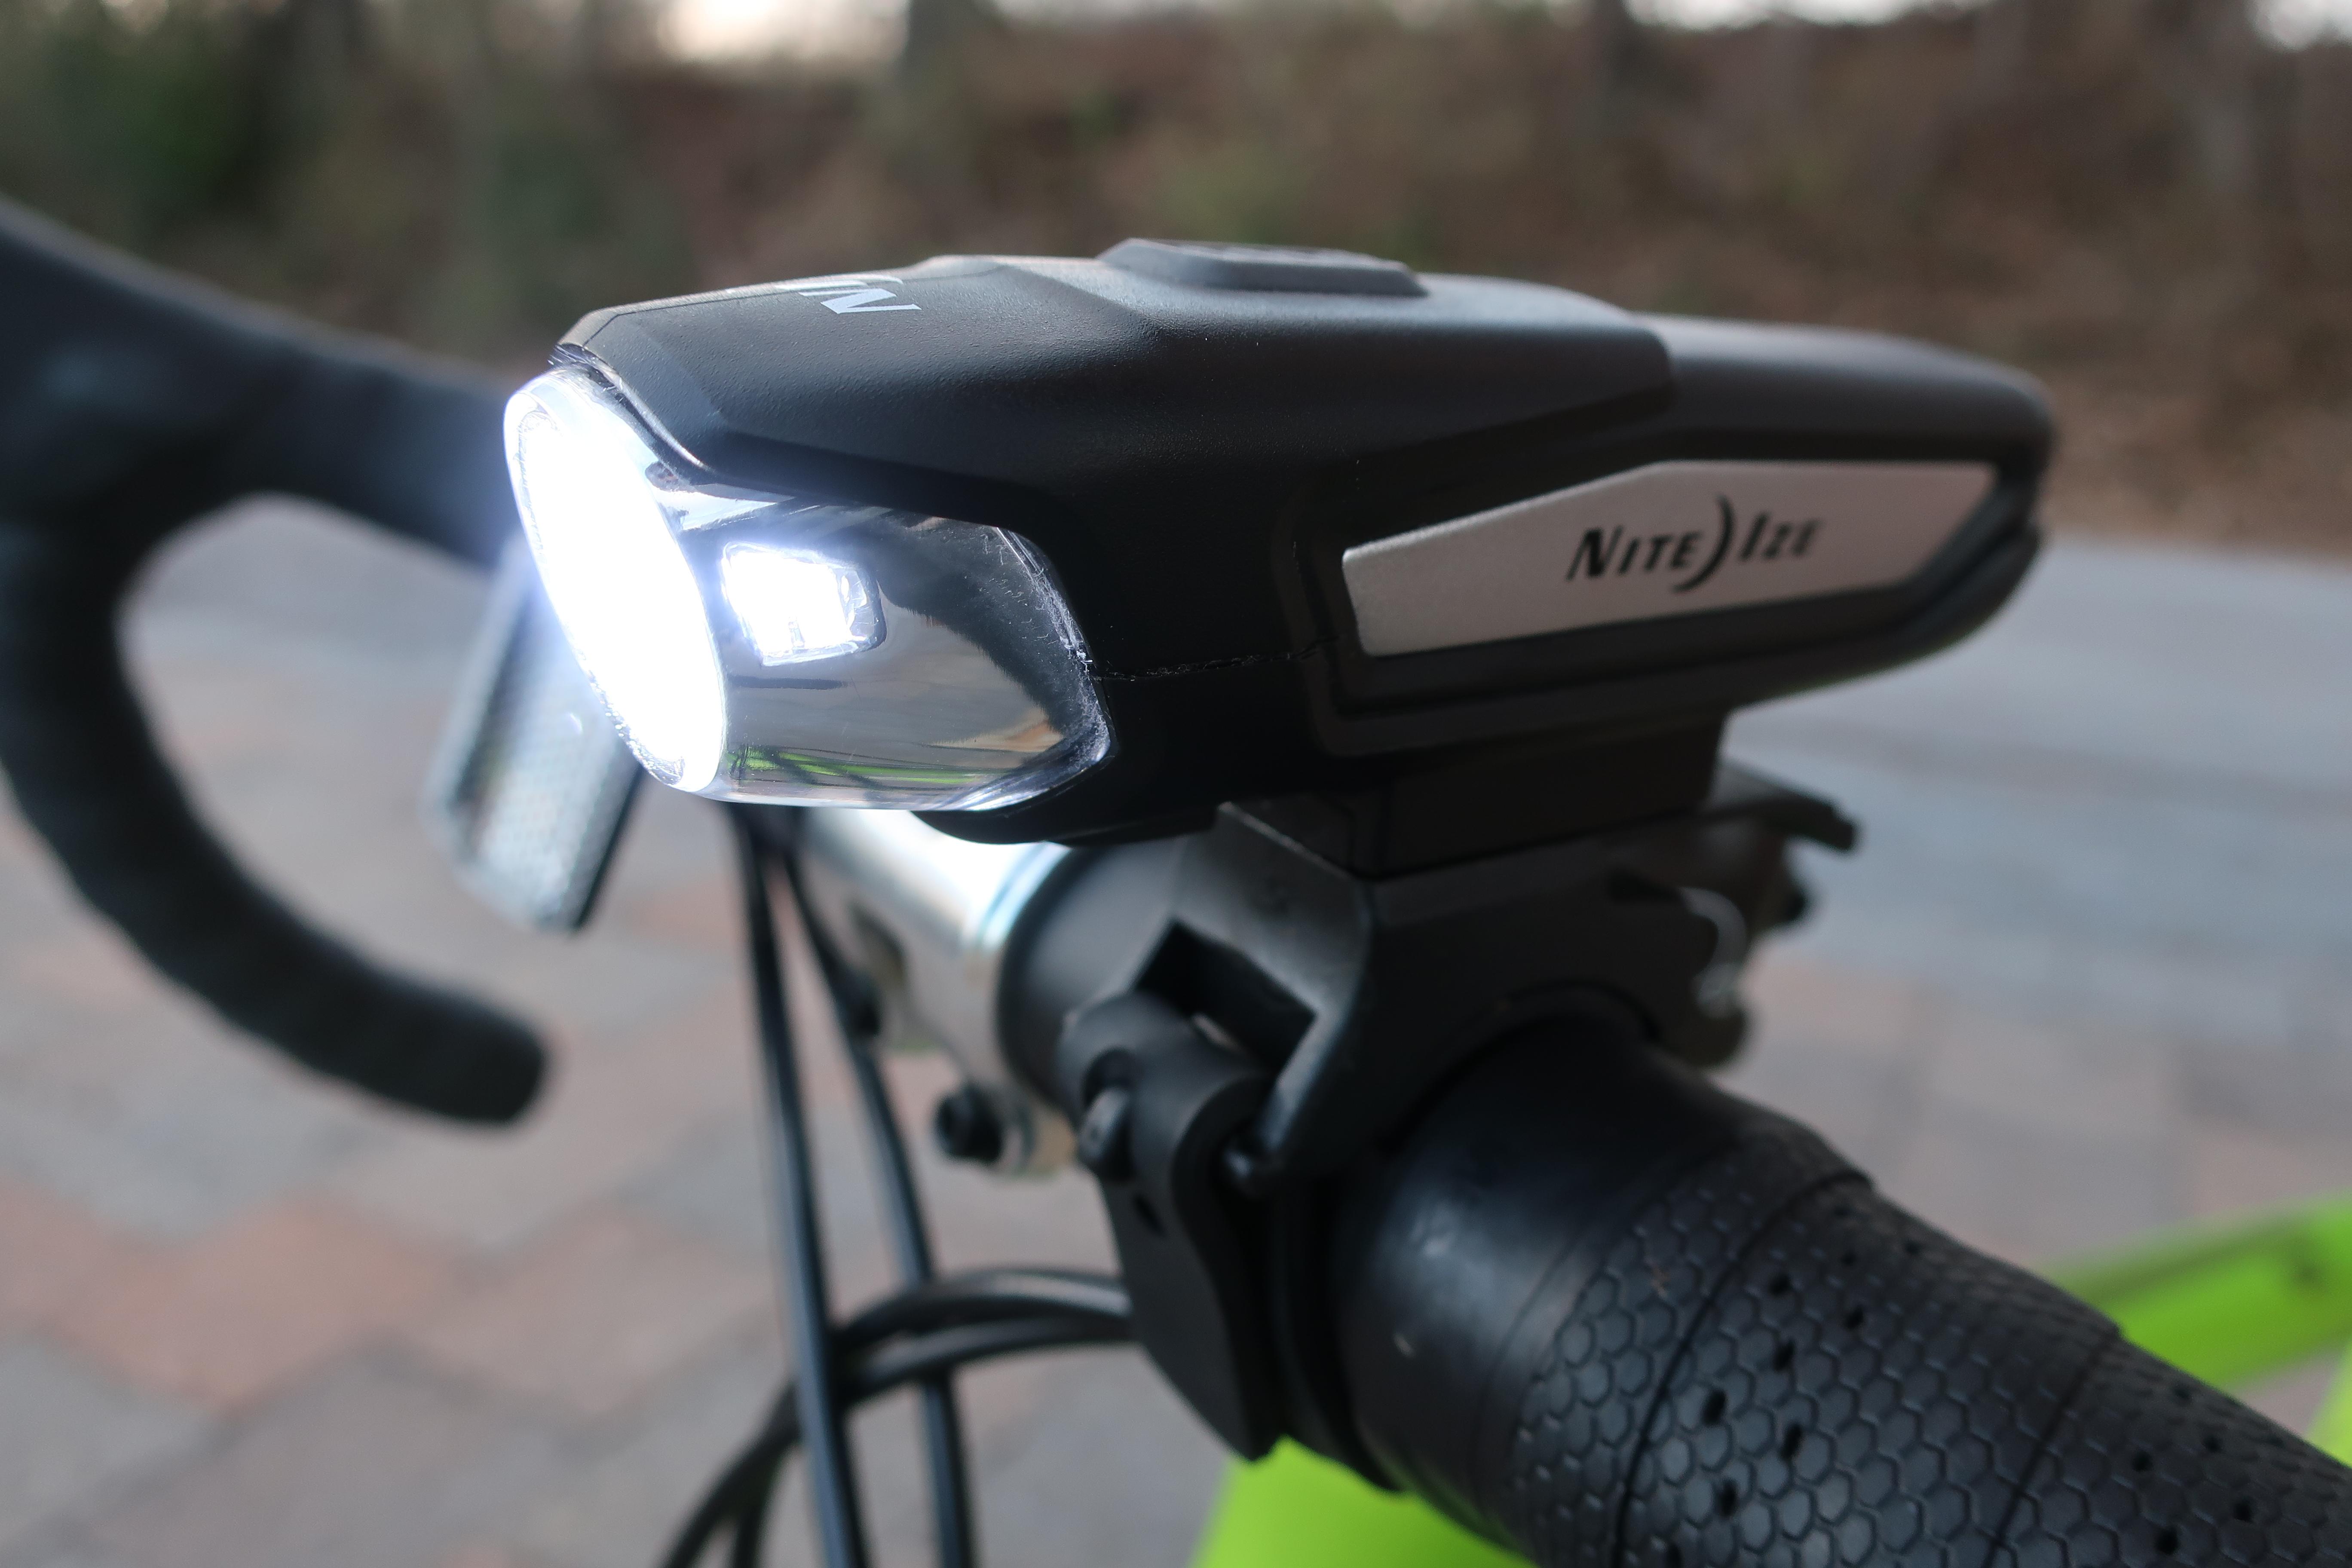 Nite Ize Radiant 750 Lamp